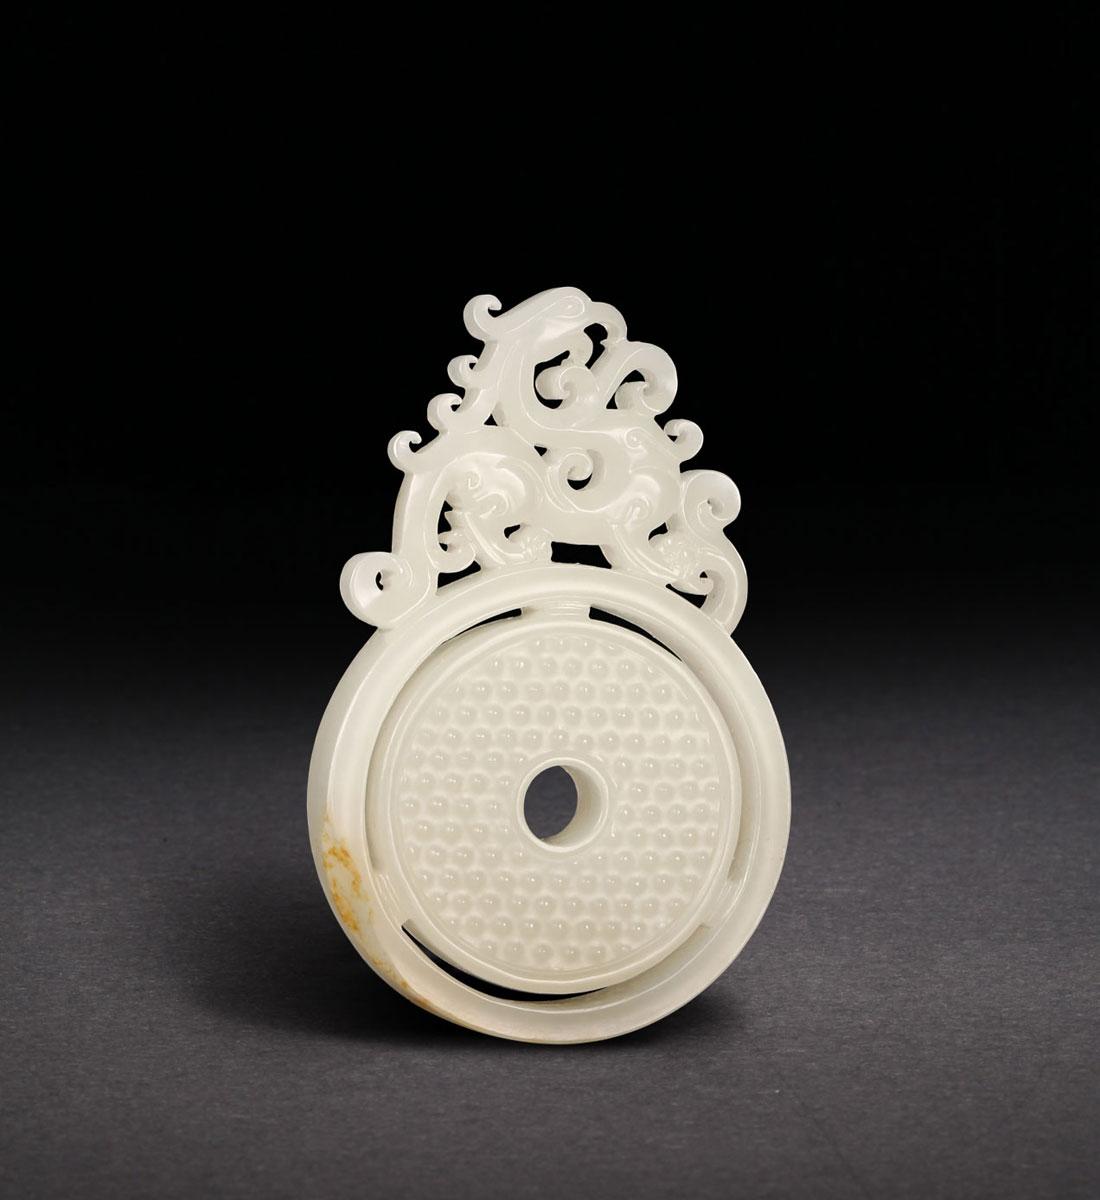 玲珑美玉--当代玉雕精品无底价拍卖会(二); 和田玉籽料 凤;; 和田玉